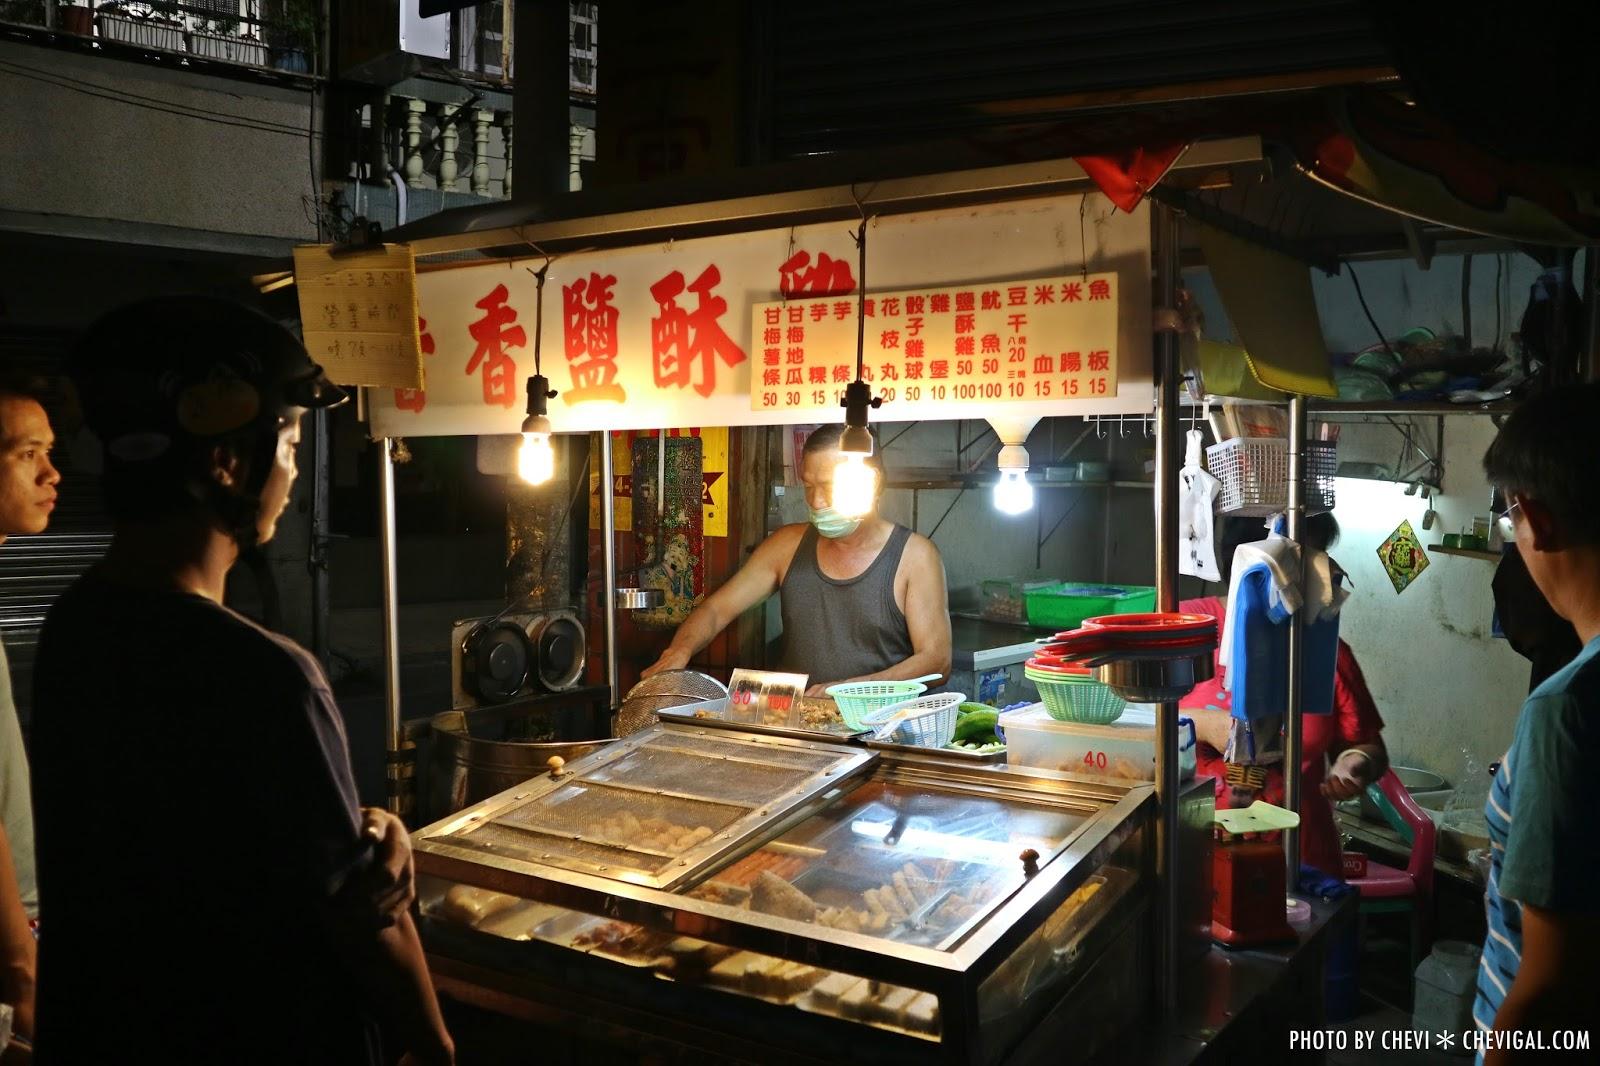 IMG 0502 - 台中烏日│香香鹽酥雞。飄香二十年的好滋味。一週只開四天別撲空囉